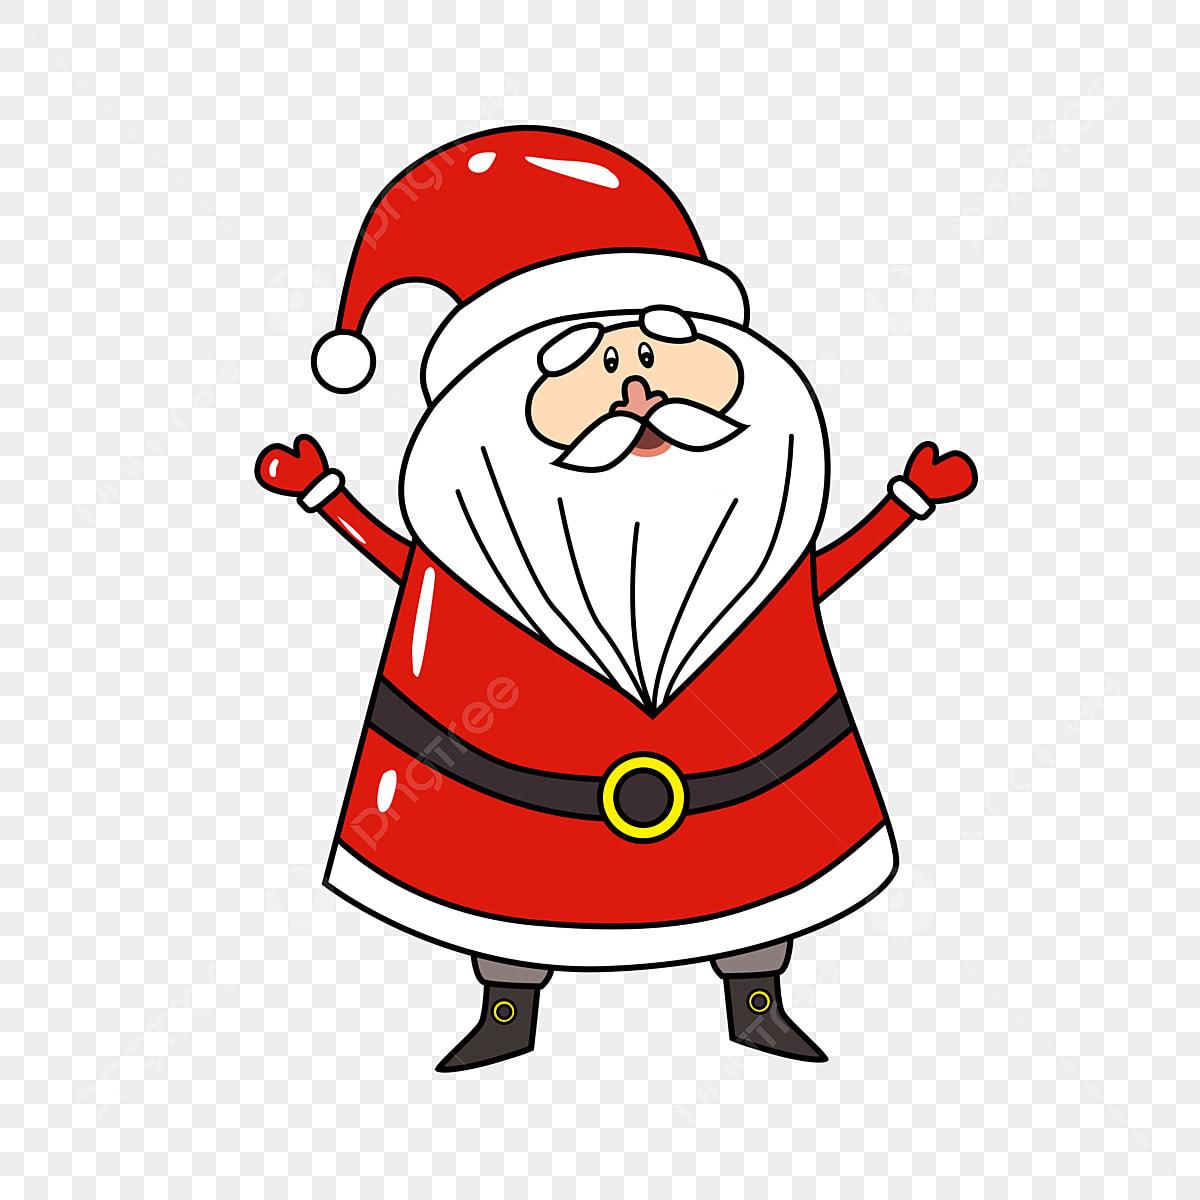 Dessin Animé Mignon Père Noël Dessin Animé Le Père Noël